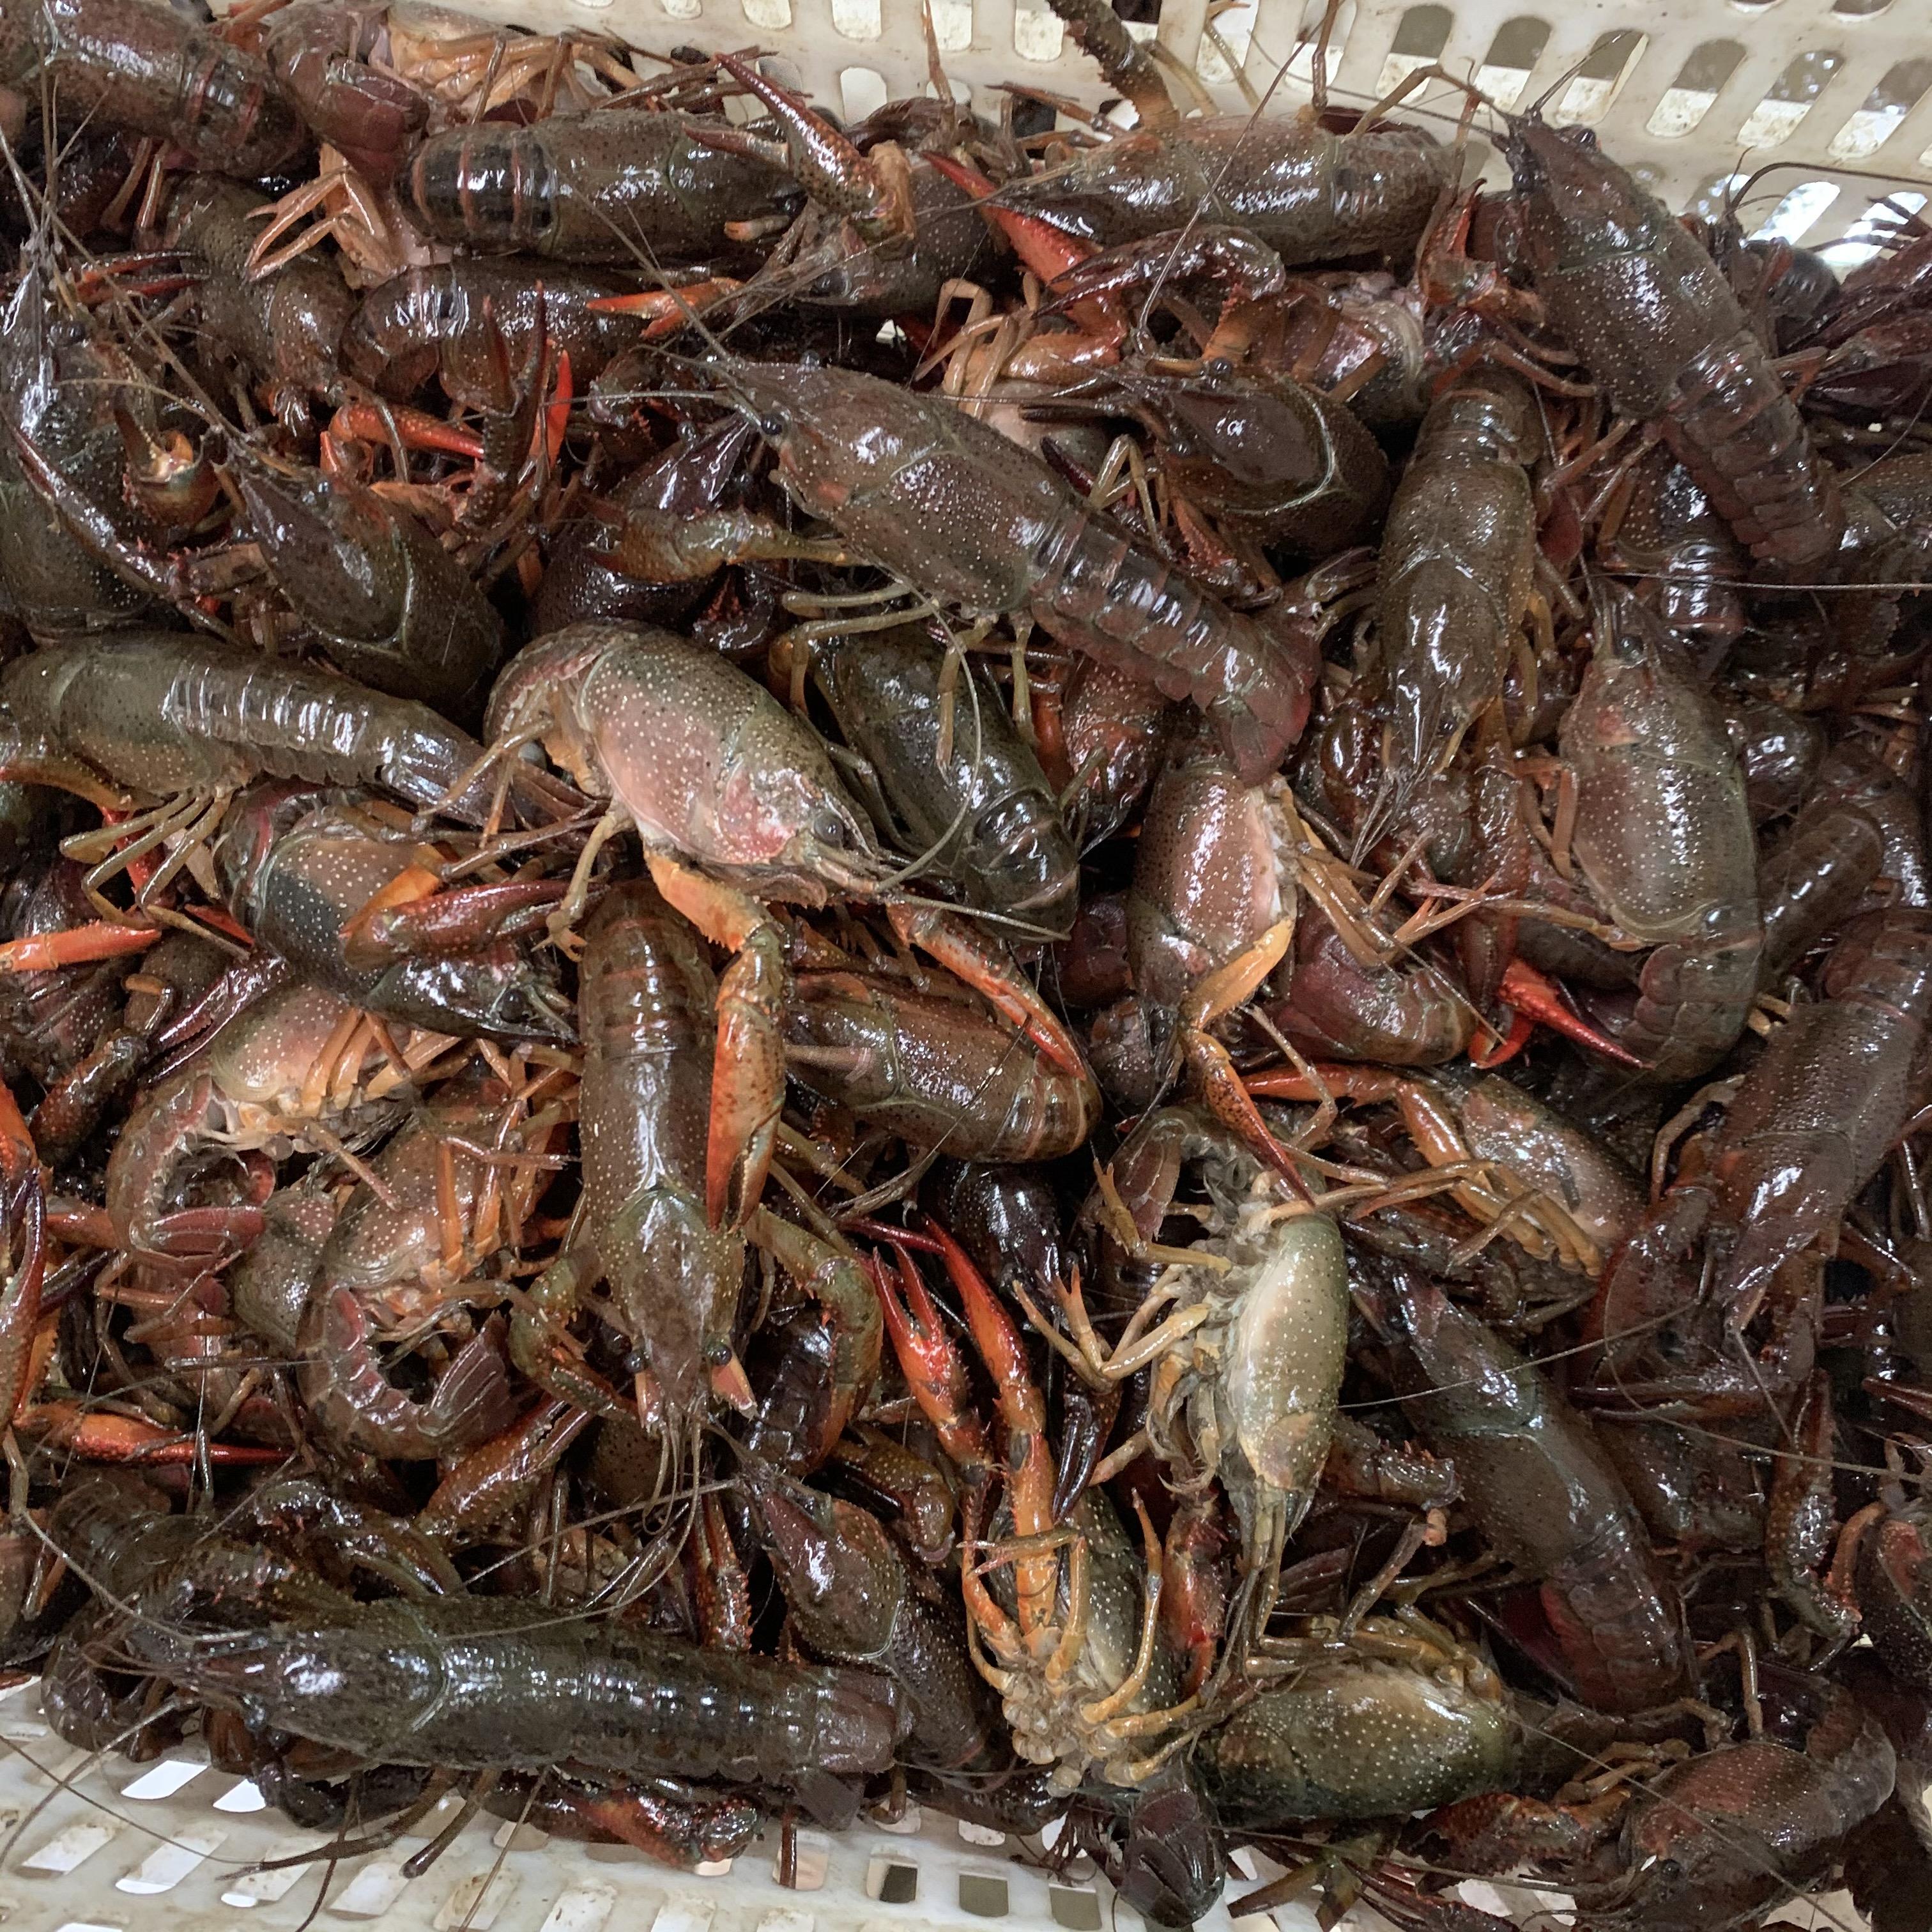 潛江小龍蝦3月30日青蝦紅蝦各種規格價格行情50斤起批發全國各地